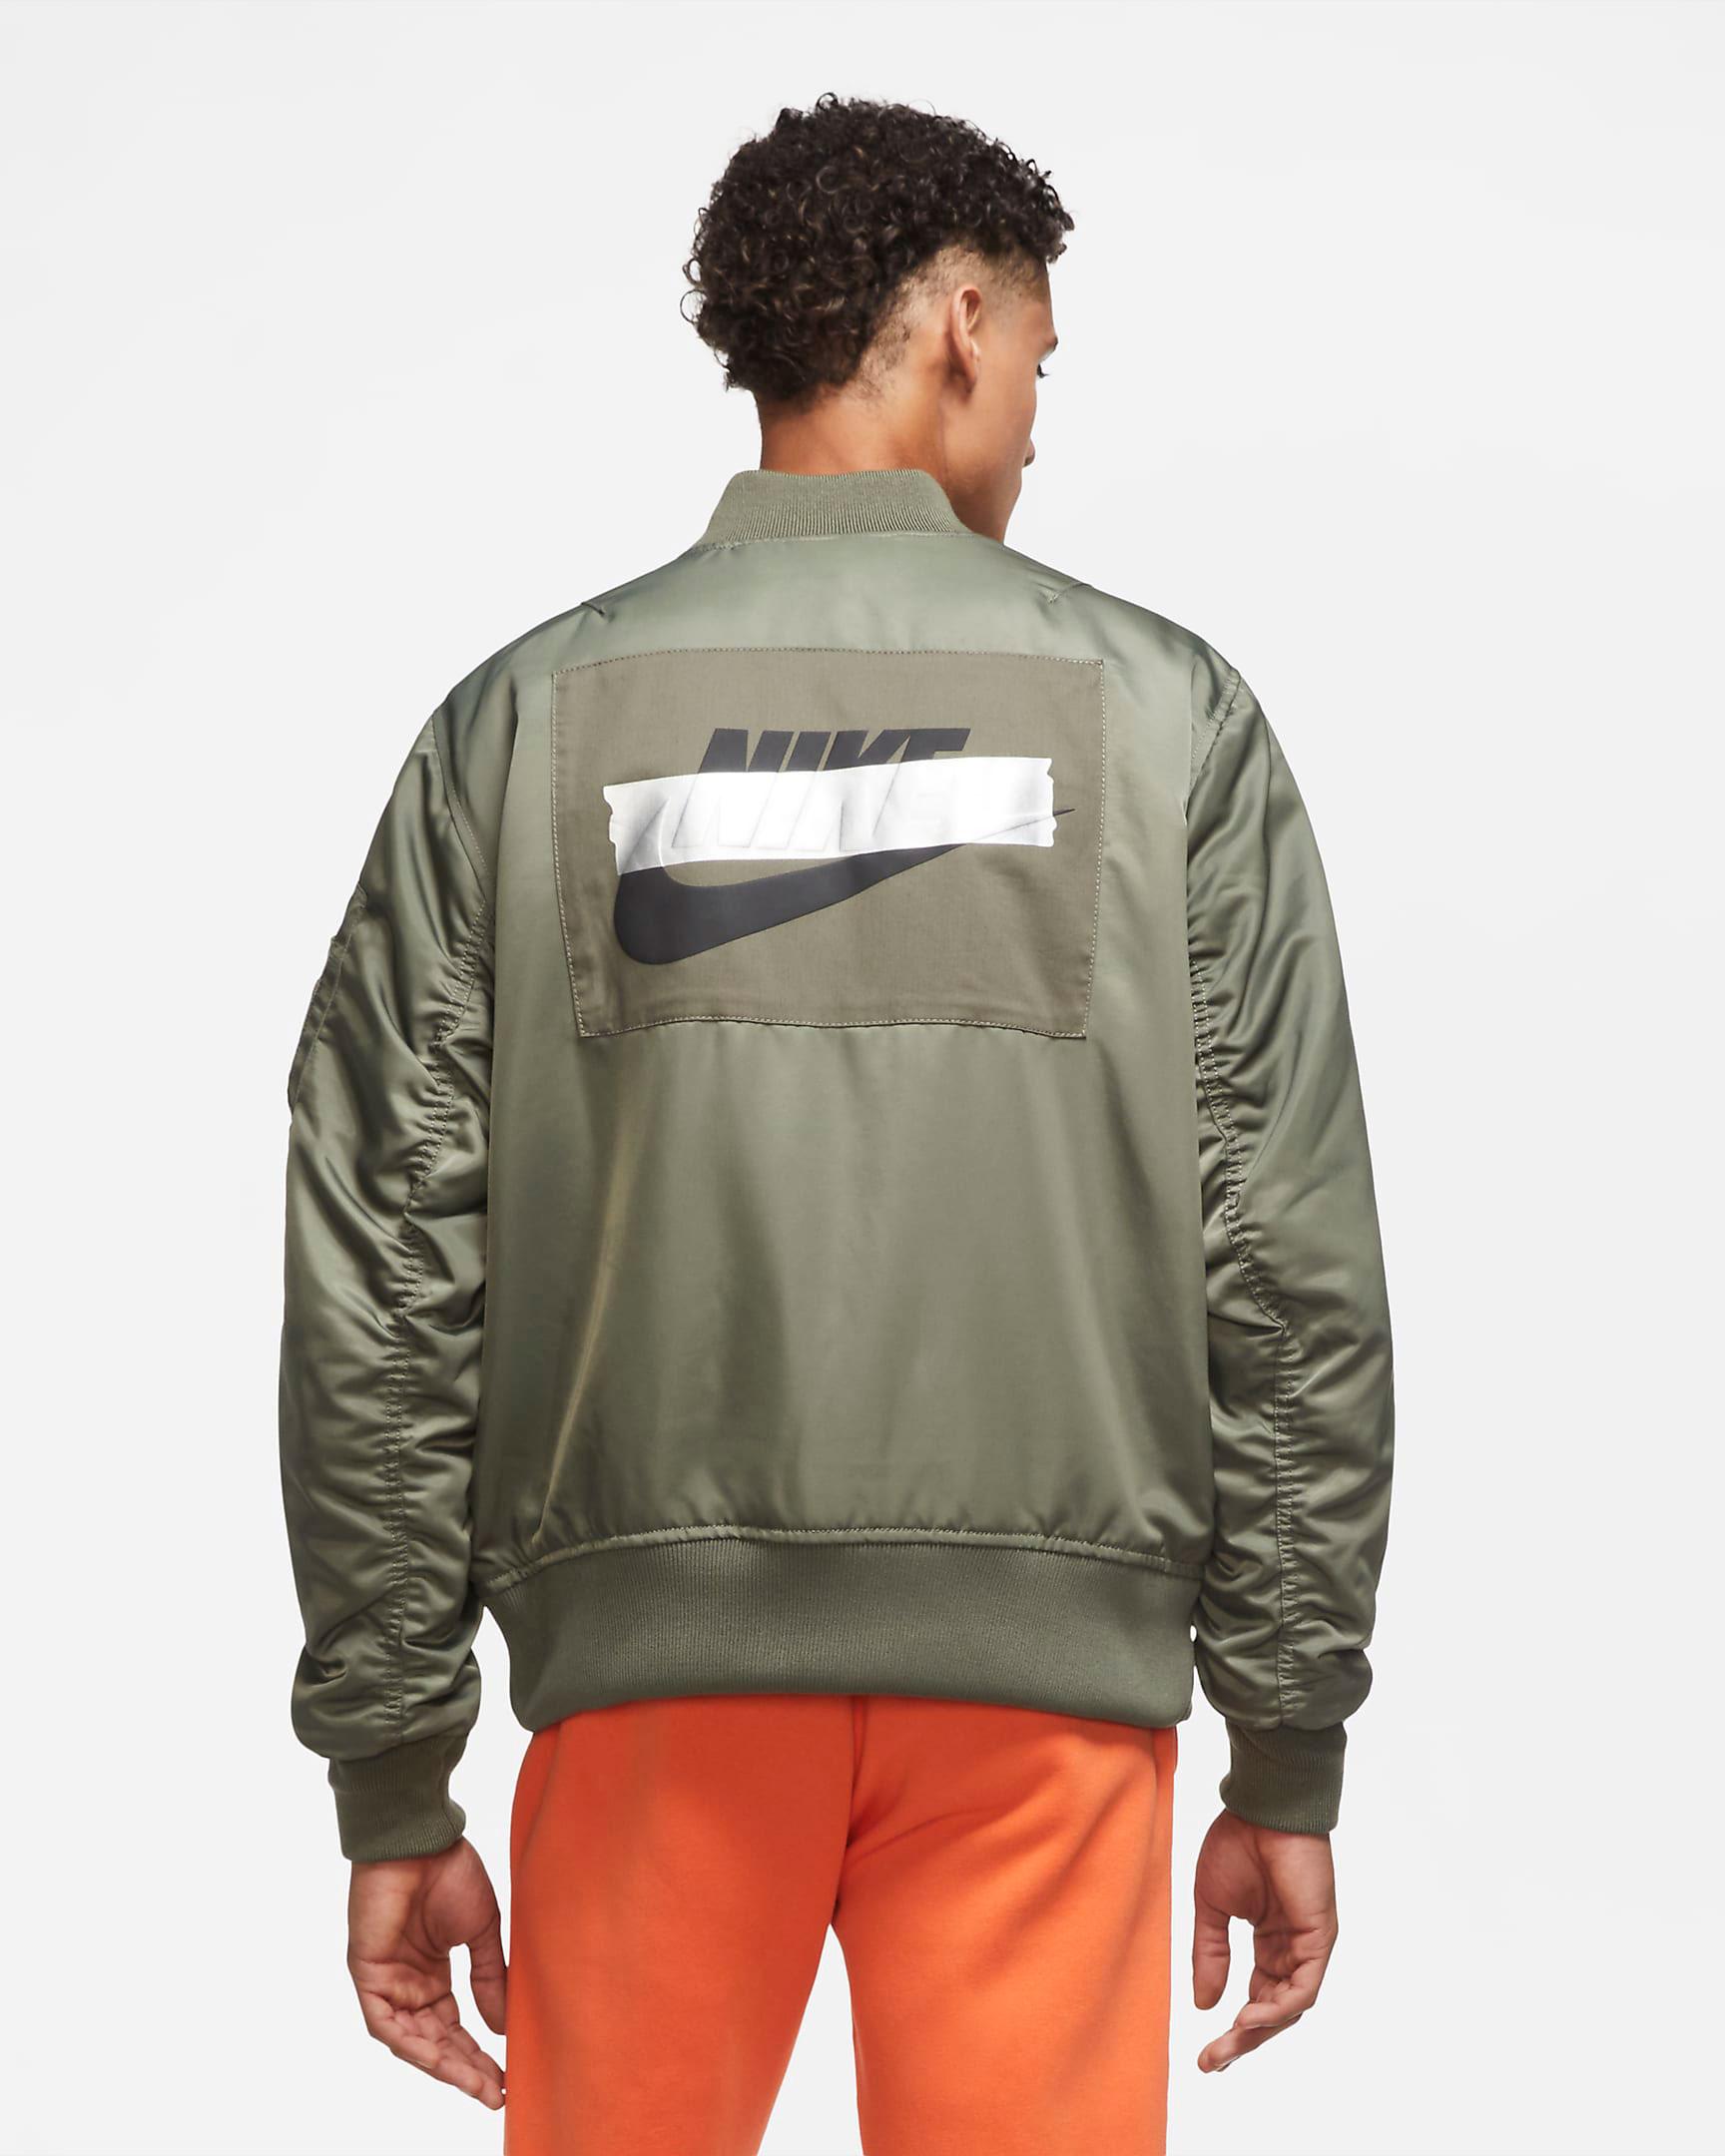 nike-sportswear-punk-bomber-jacket-4